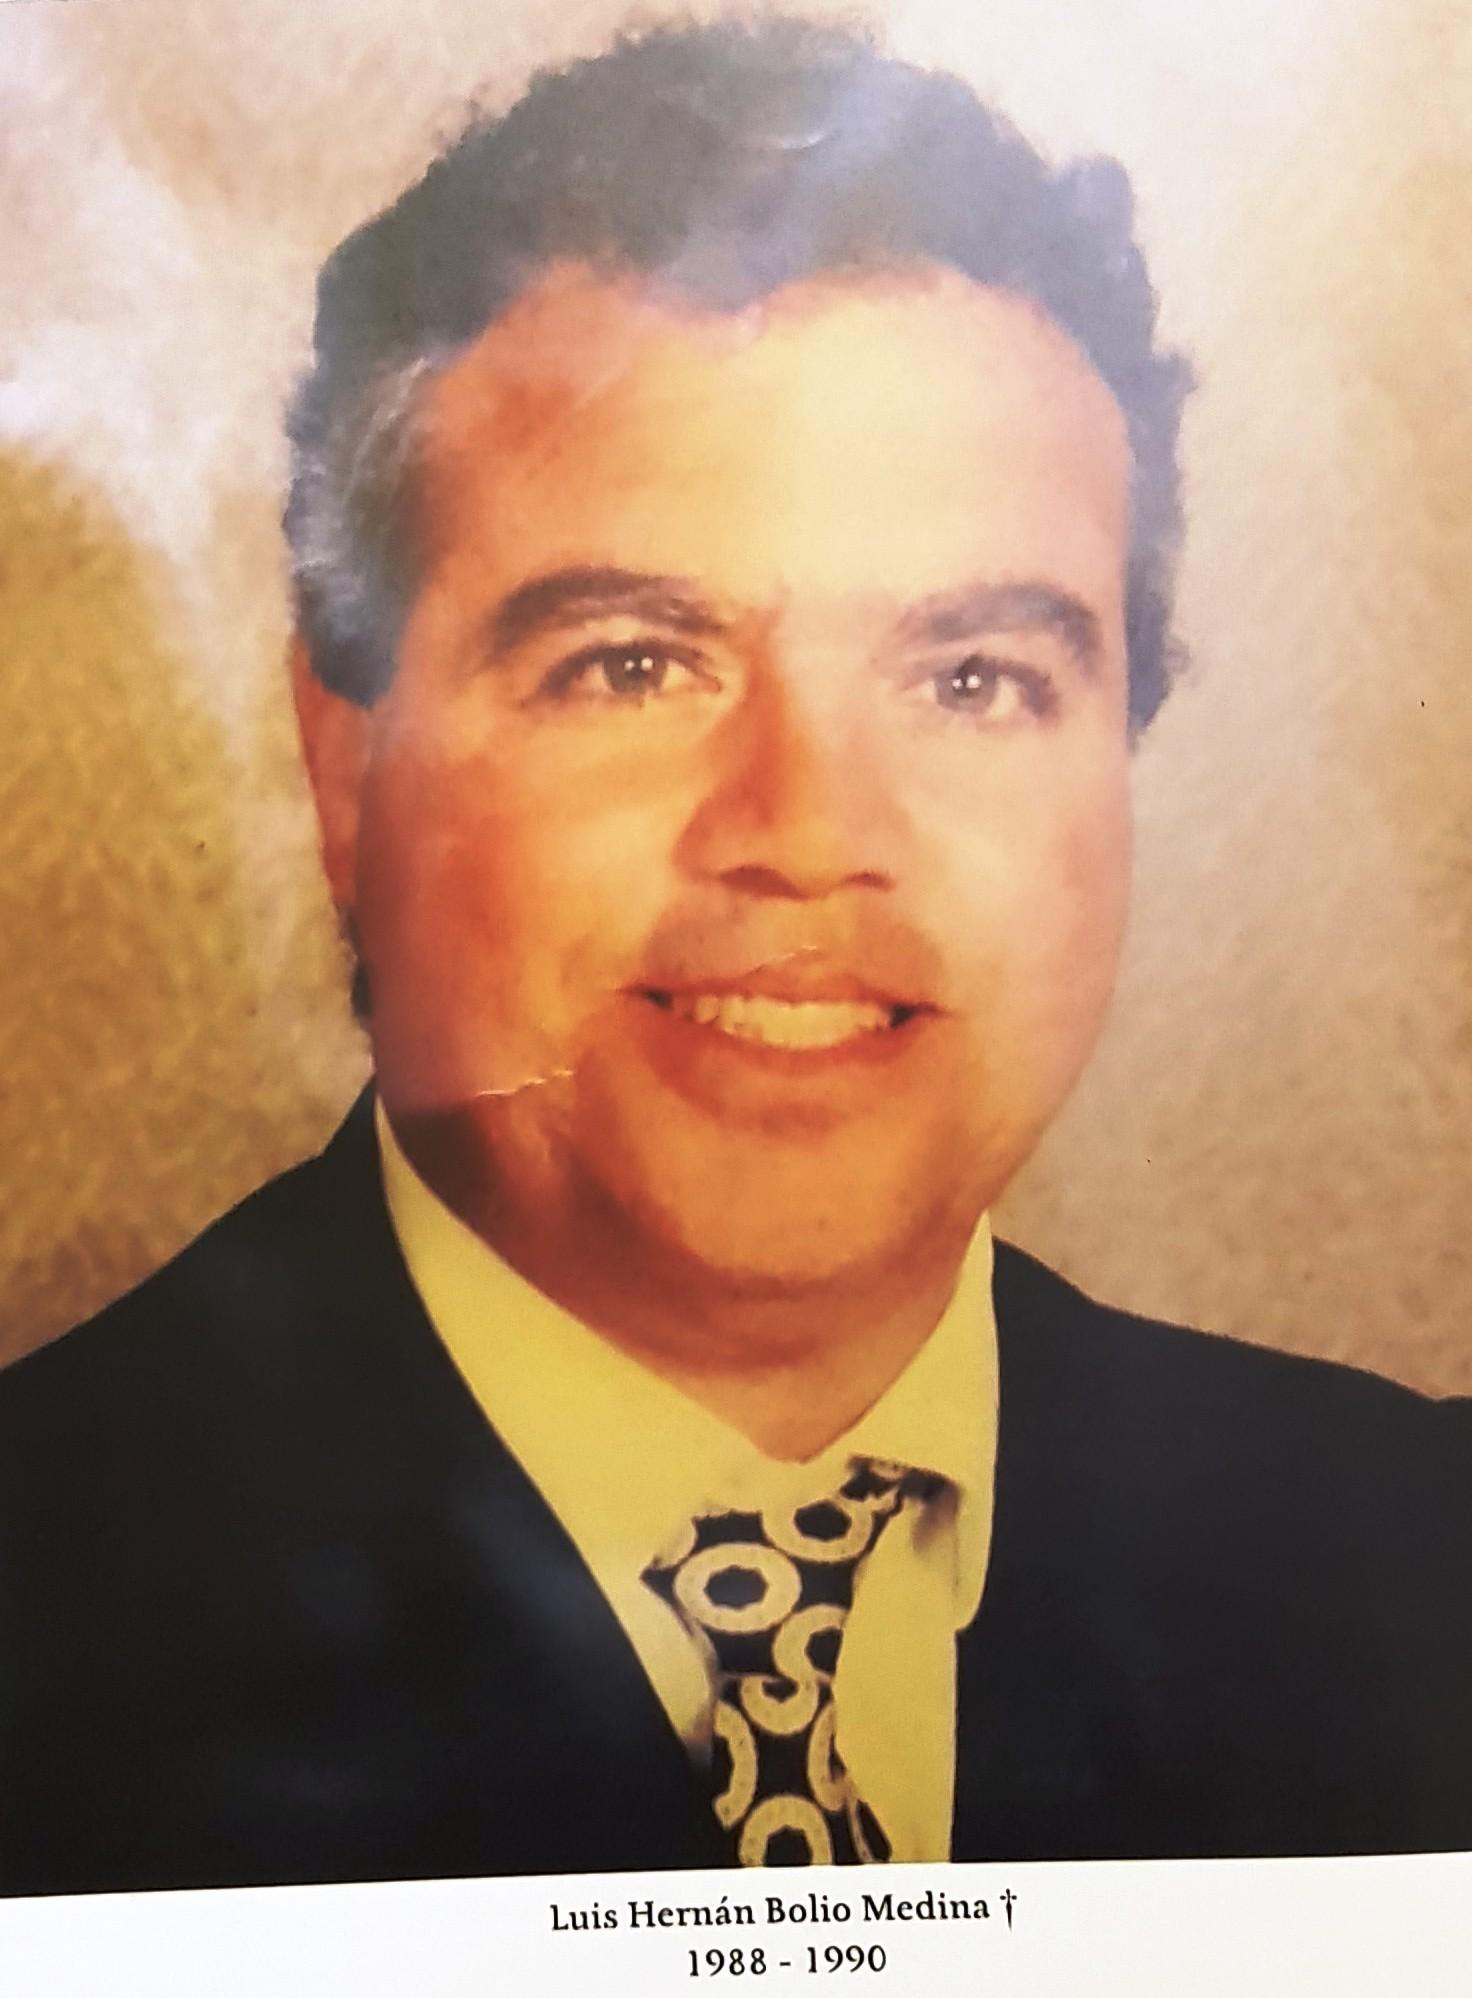 PRESIDENTE DE COPARMEX SR. LUIS HERNÁN BOLIO MEDINA